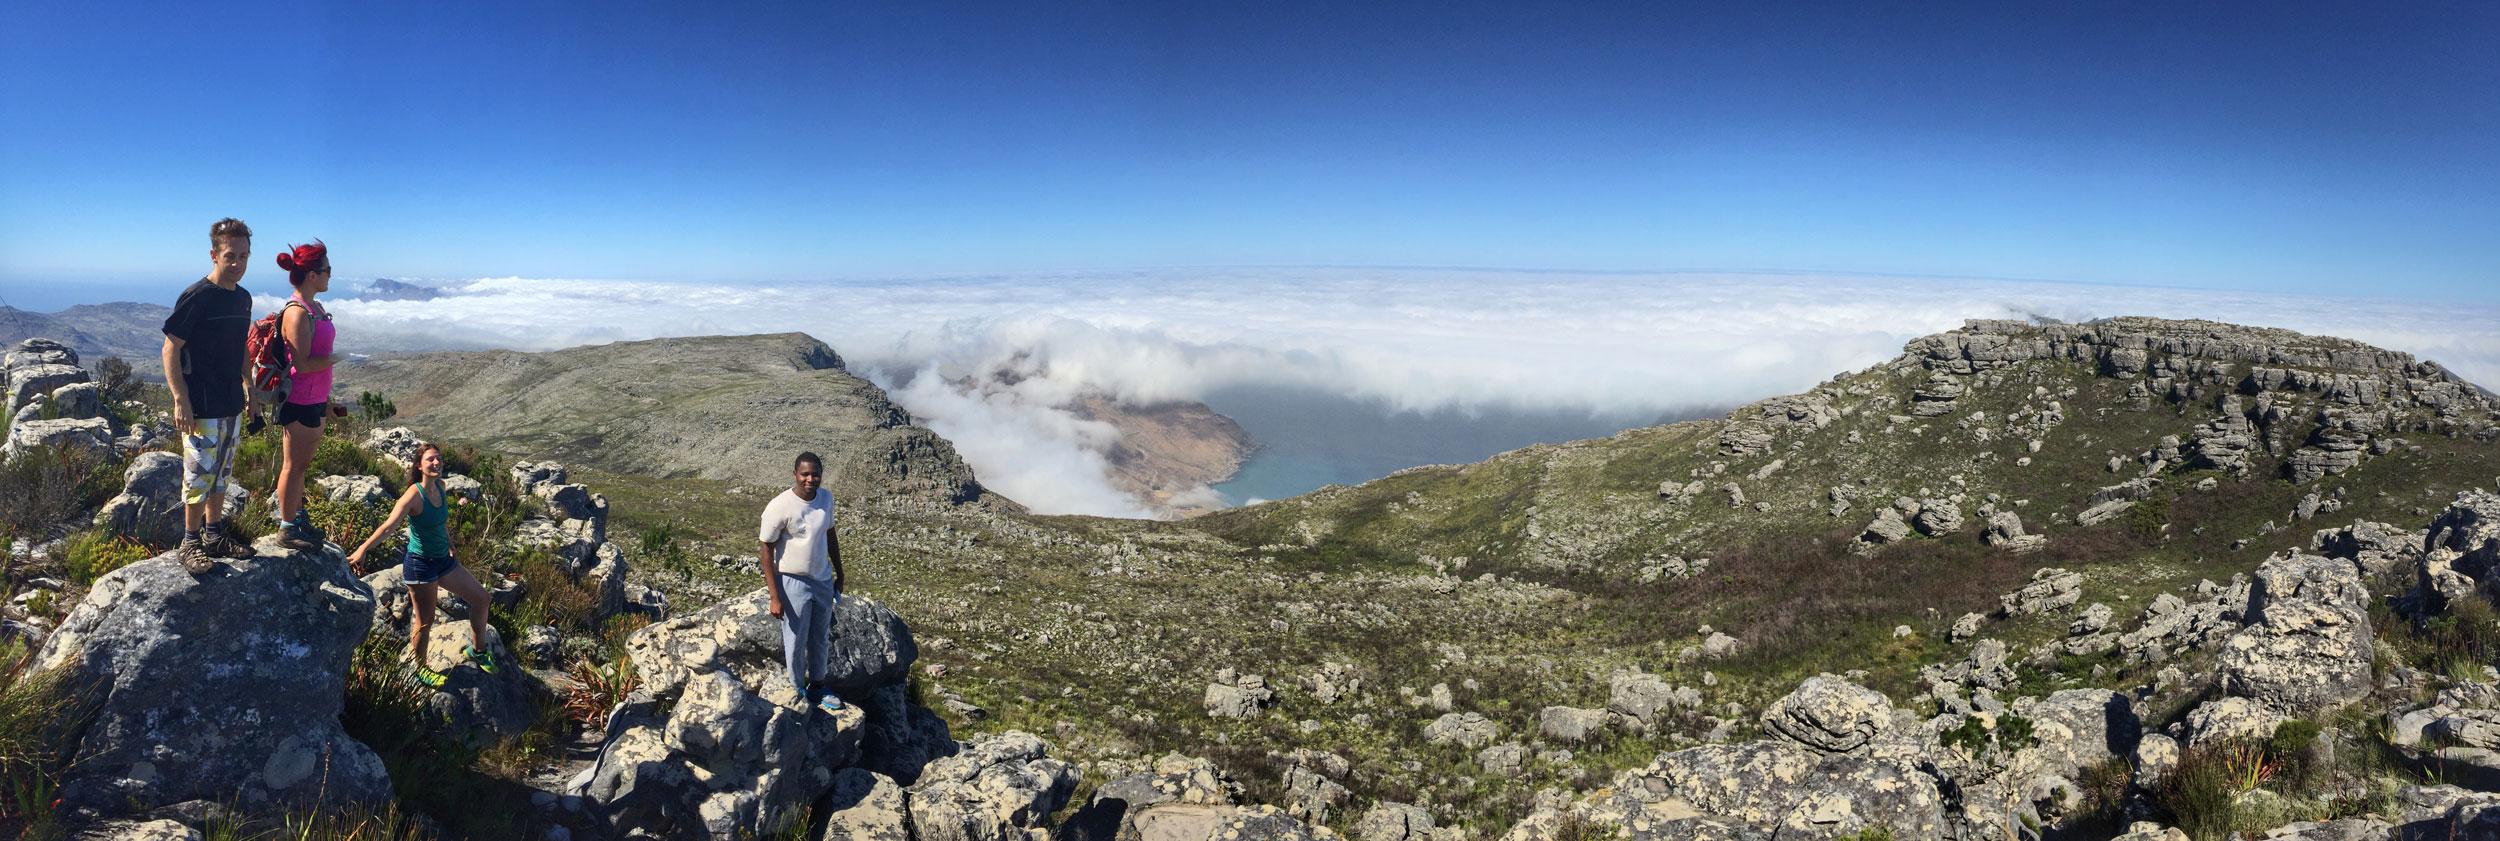 constantiaberg-peak